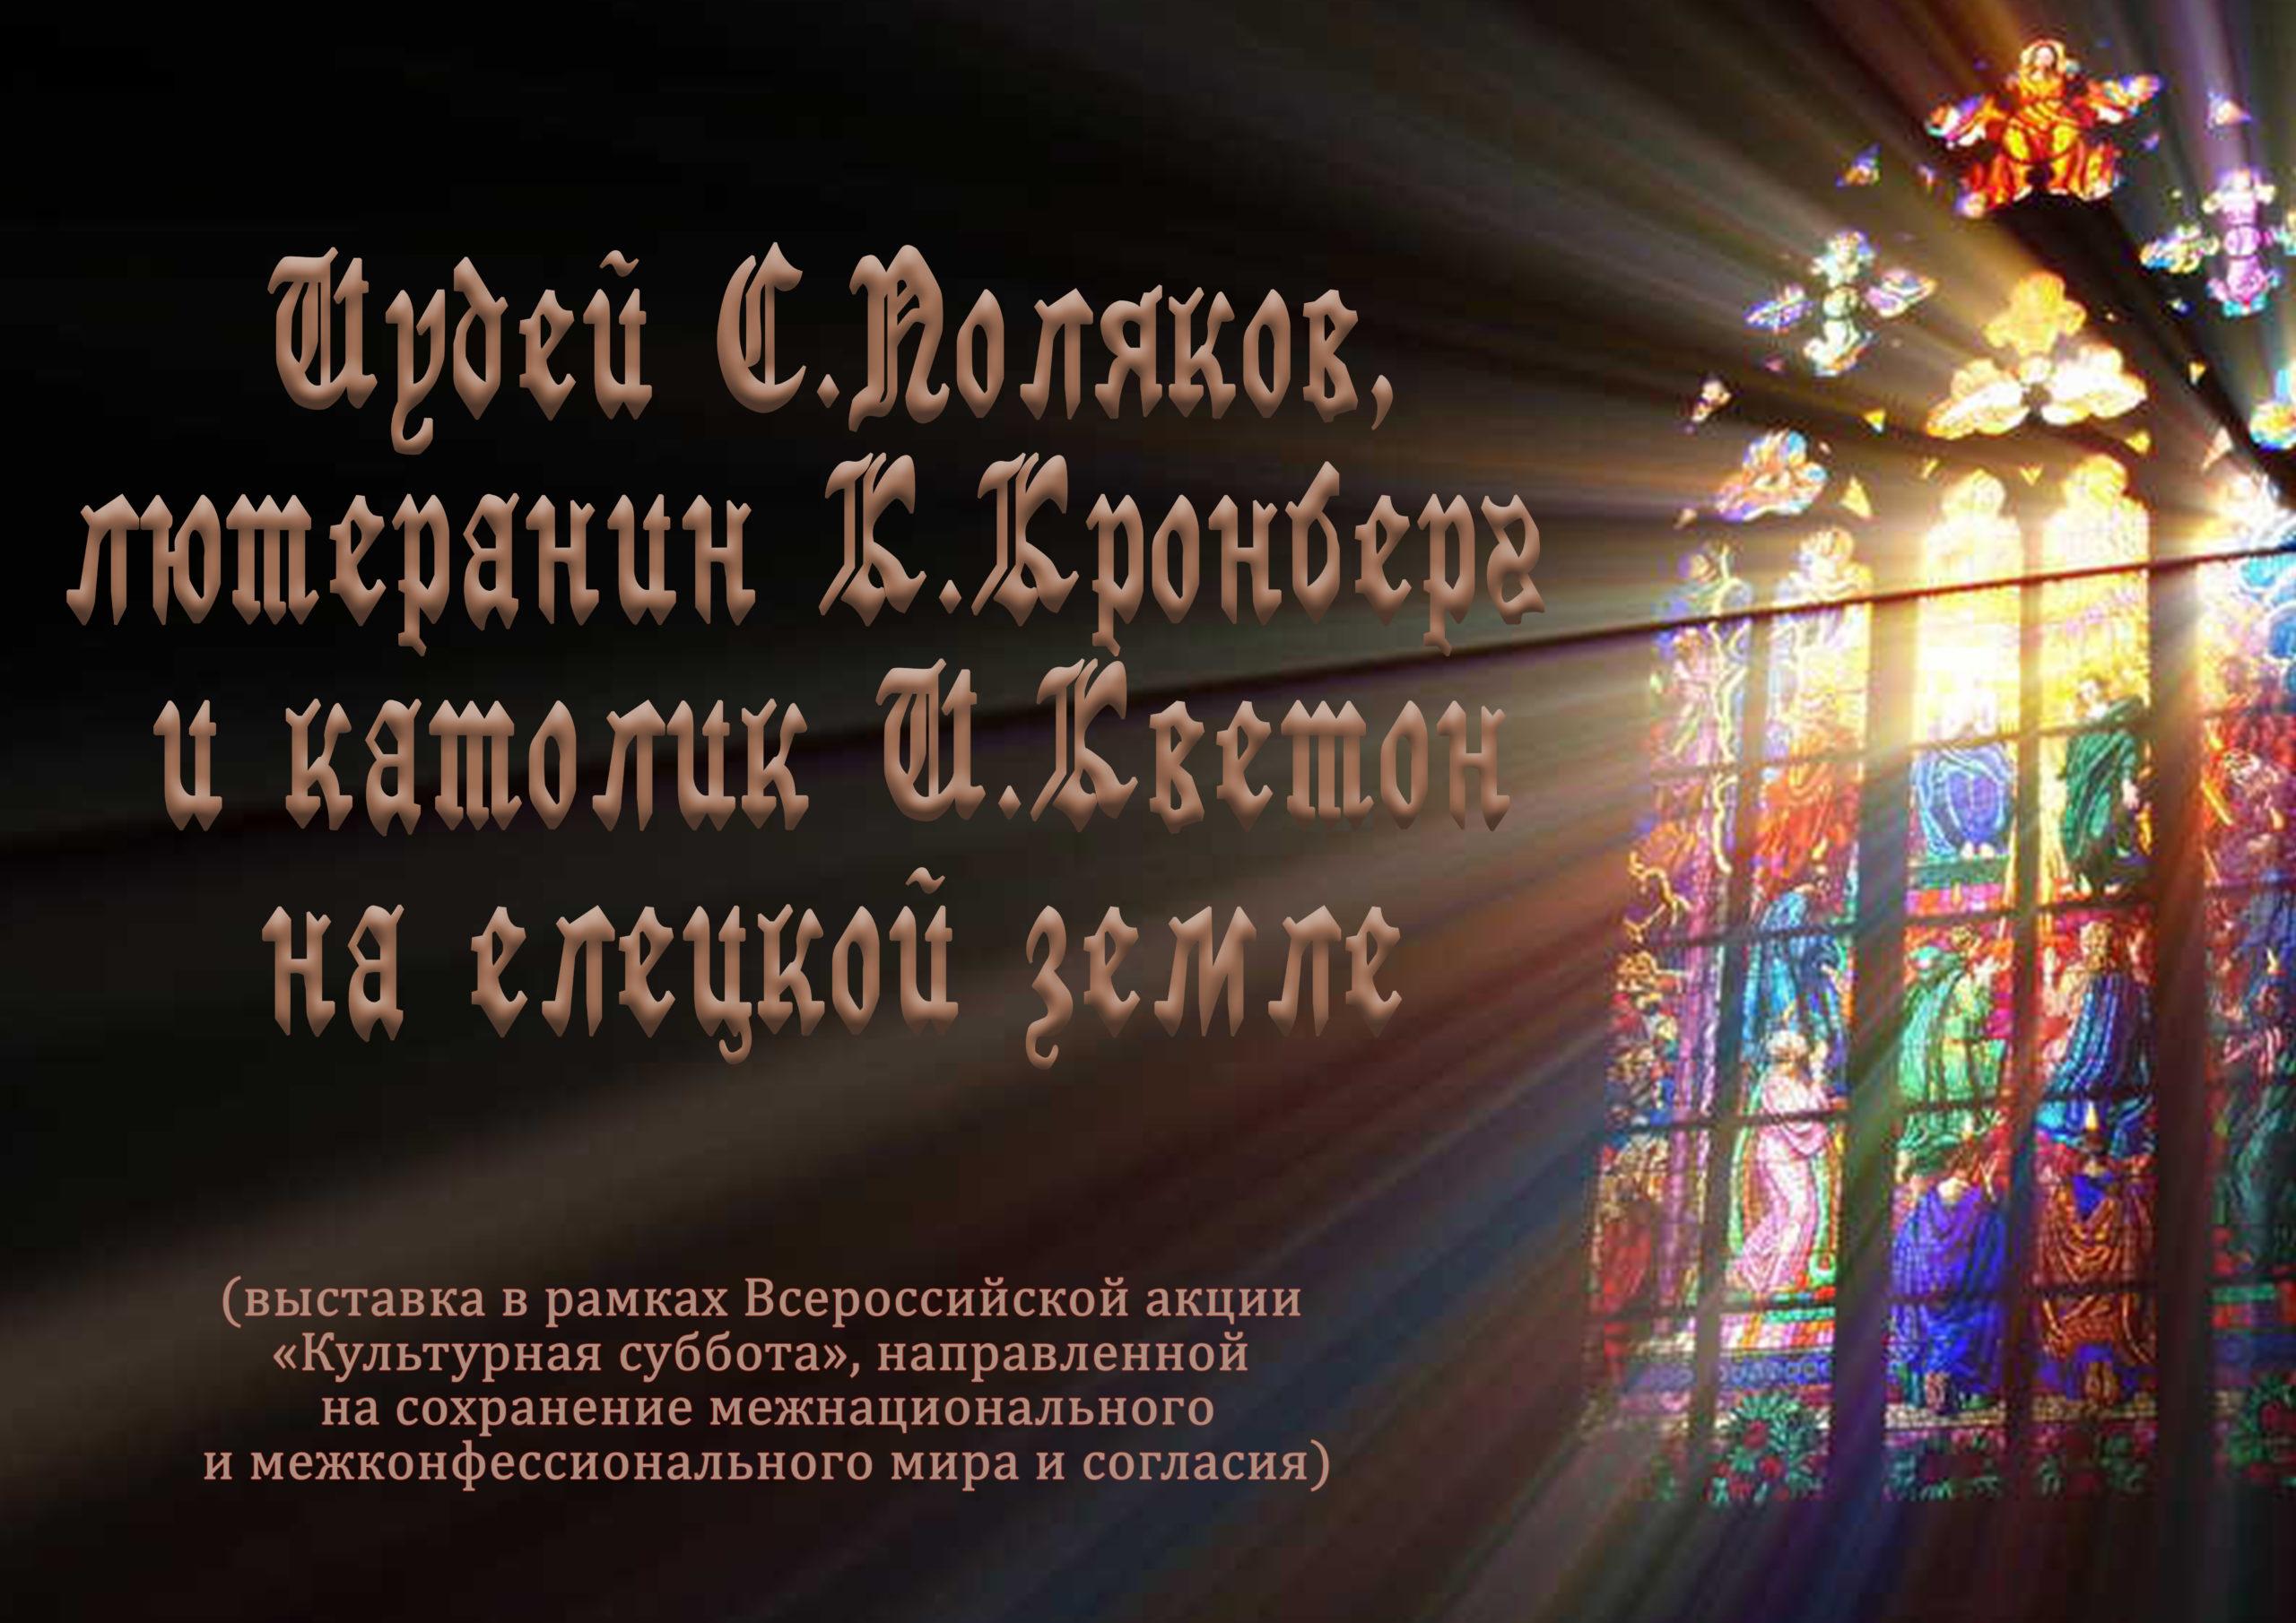 Выставка «Иудей С.Поляков, лютеранин К.Кронберг и католик И.Кветон на елецкой земле»